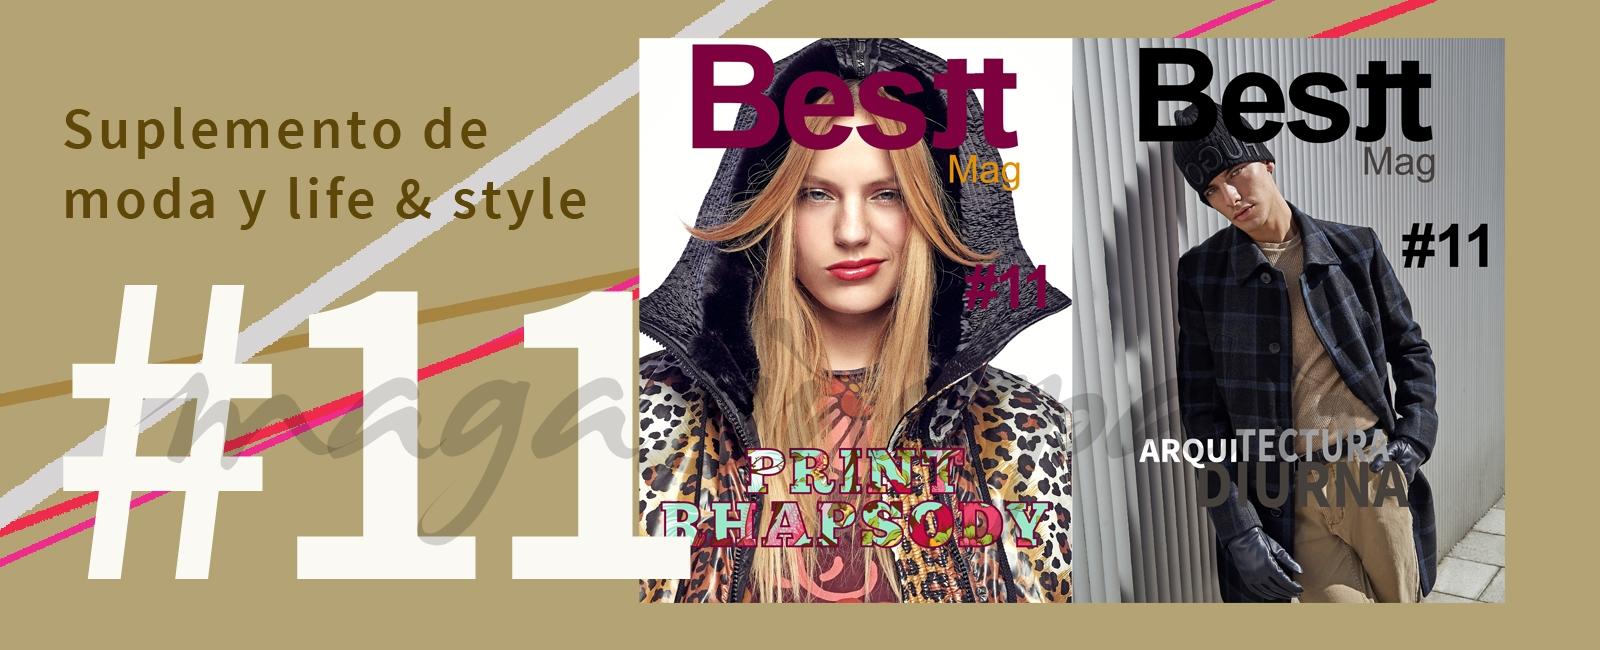 Bestt Mag #11